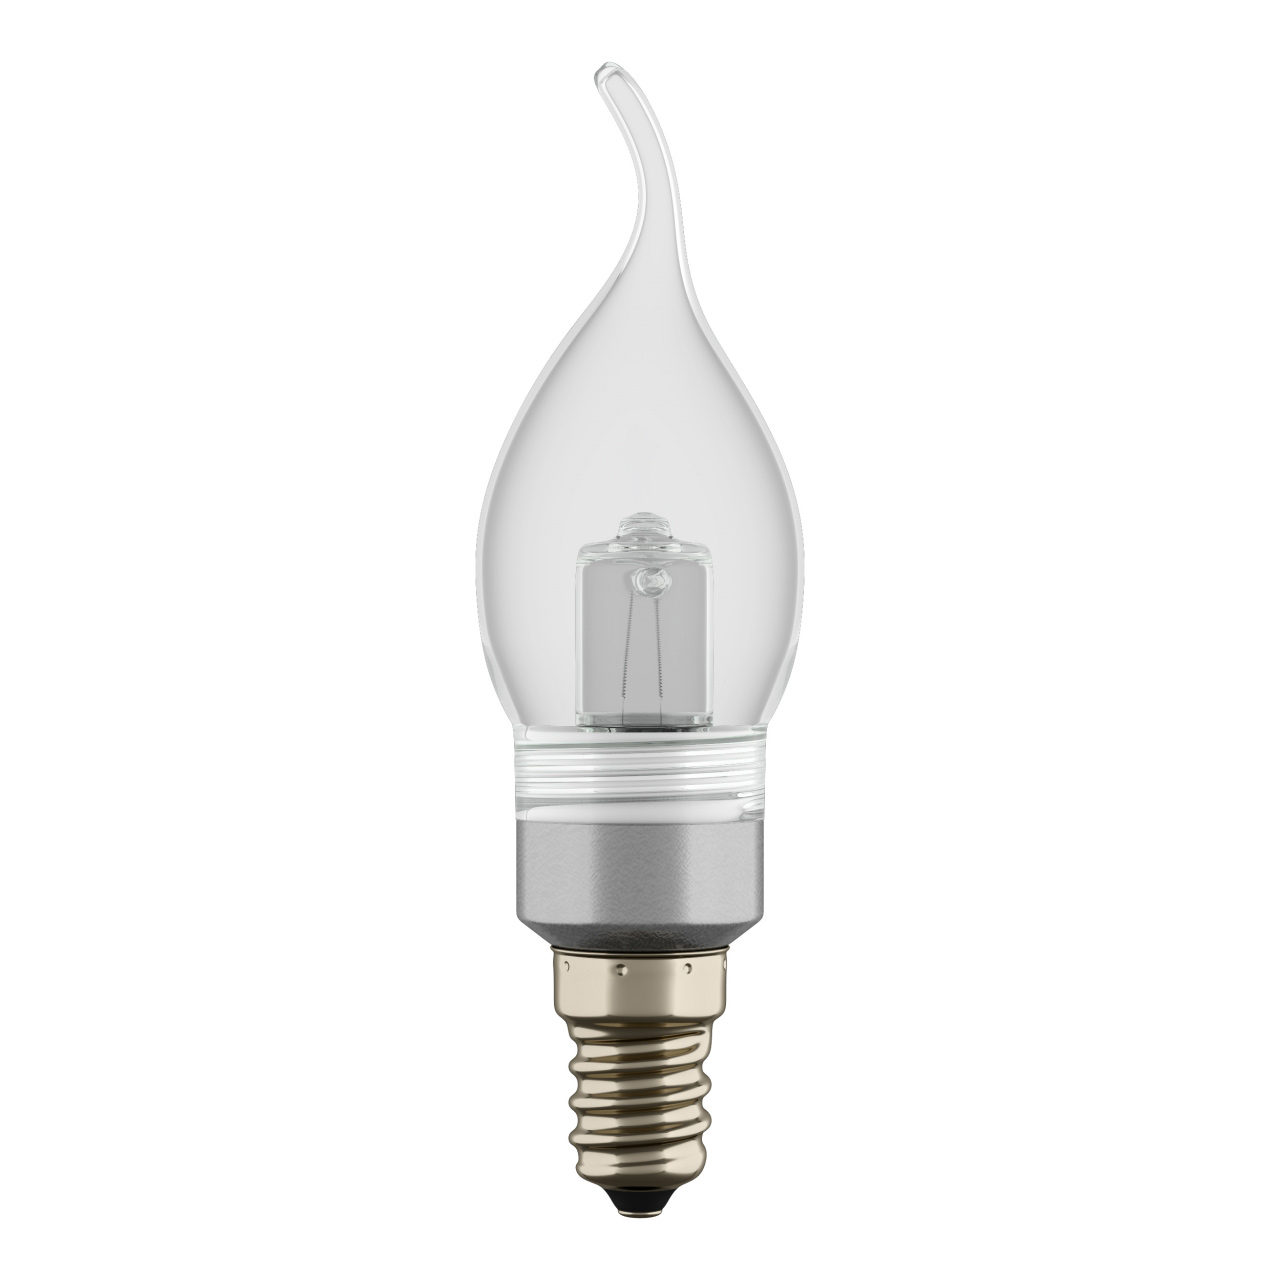 Лампа HAL 220V CA35 E14 40W RM RA100 2800K 2000H DIMM Lightstar 922951